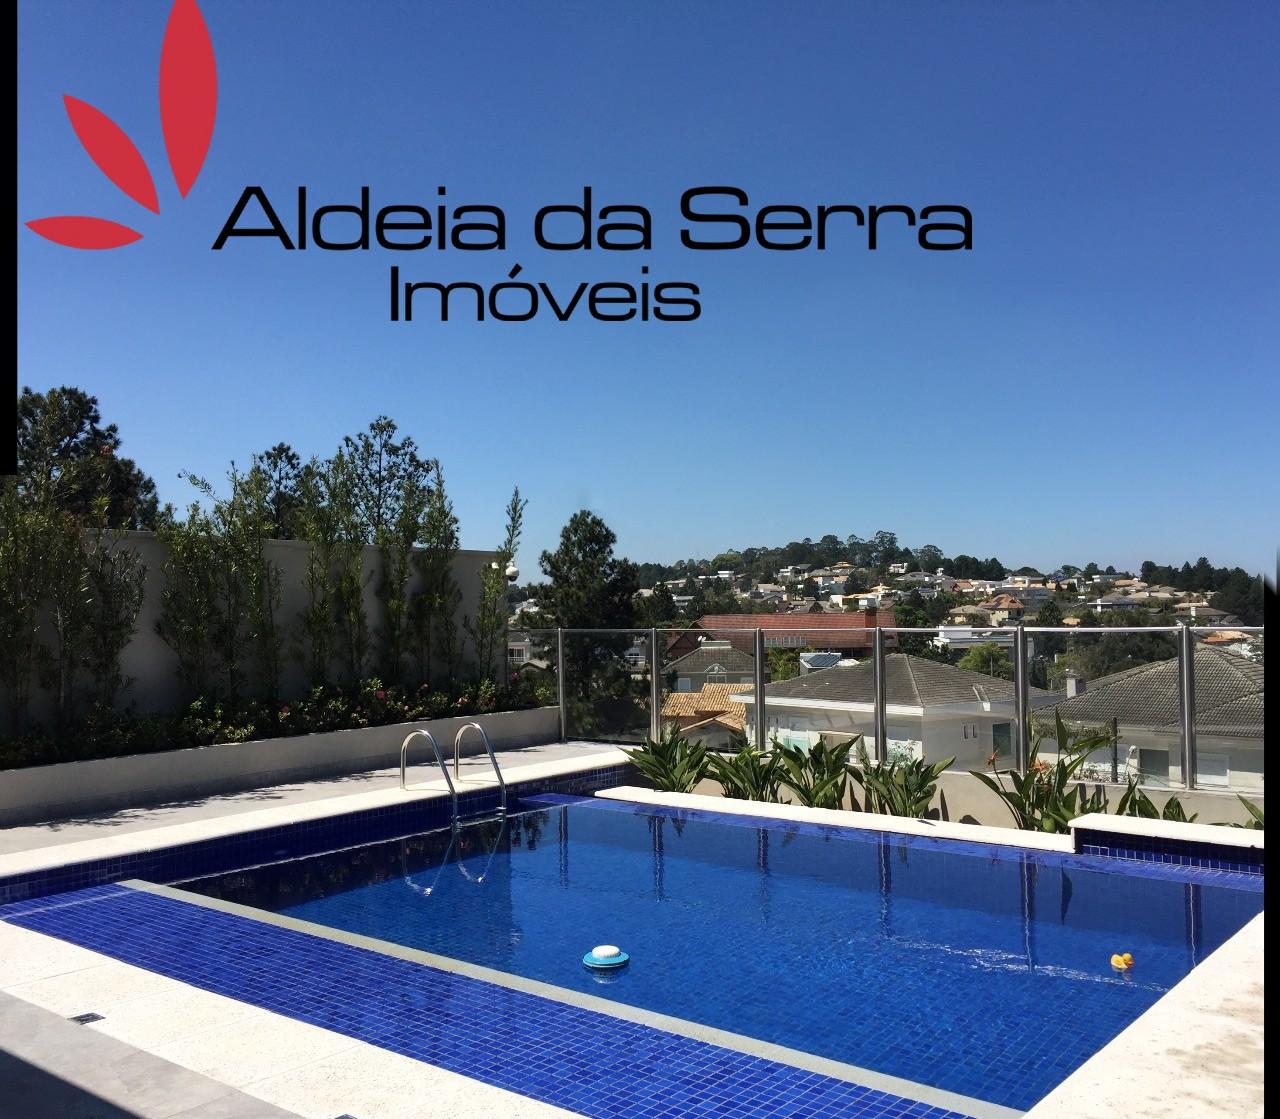 /admin/imoveis/fotos/IMG-20210728-WA0004.jpg Aldeia da Serra Imoveis